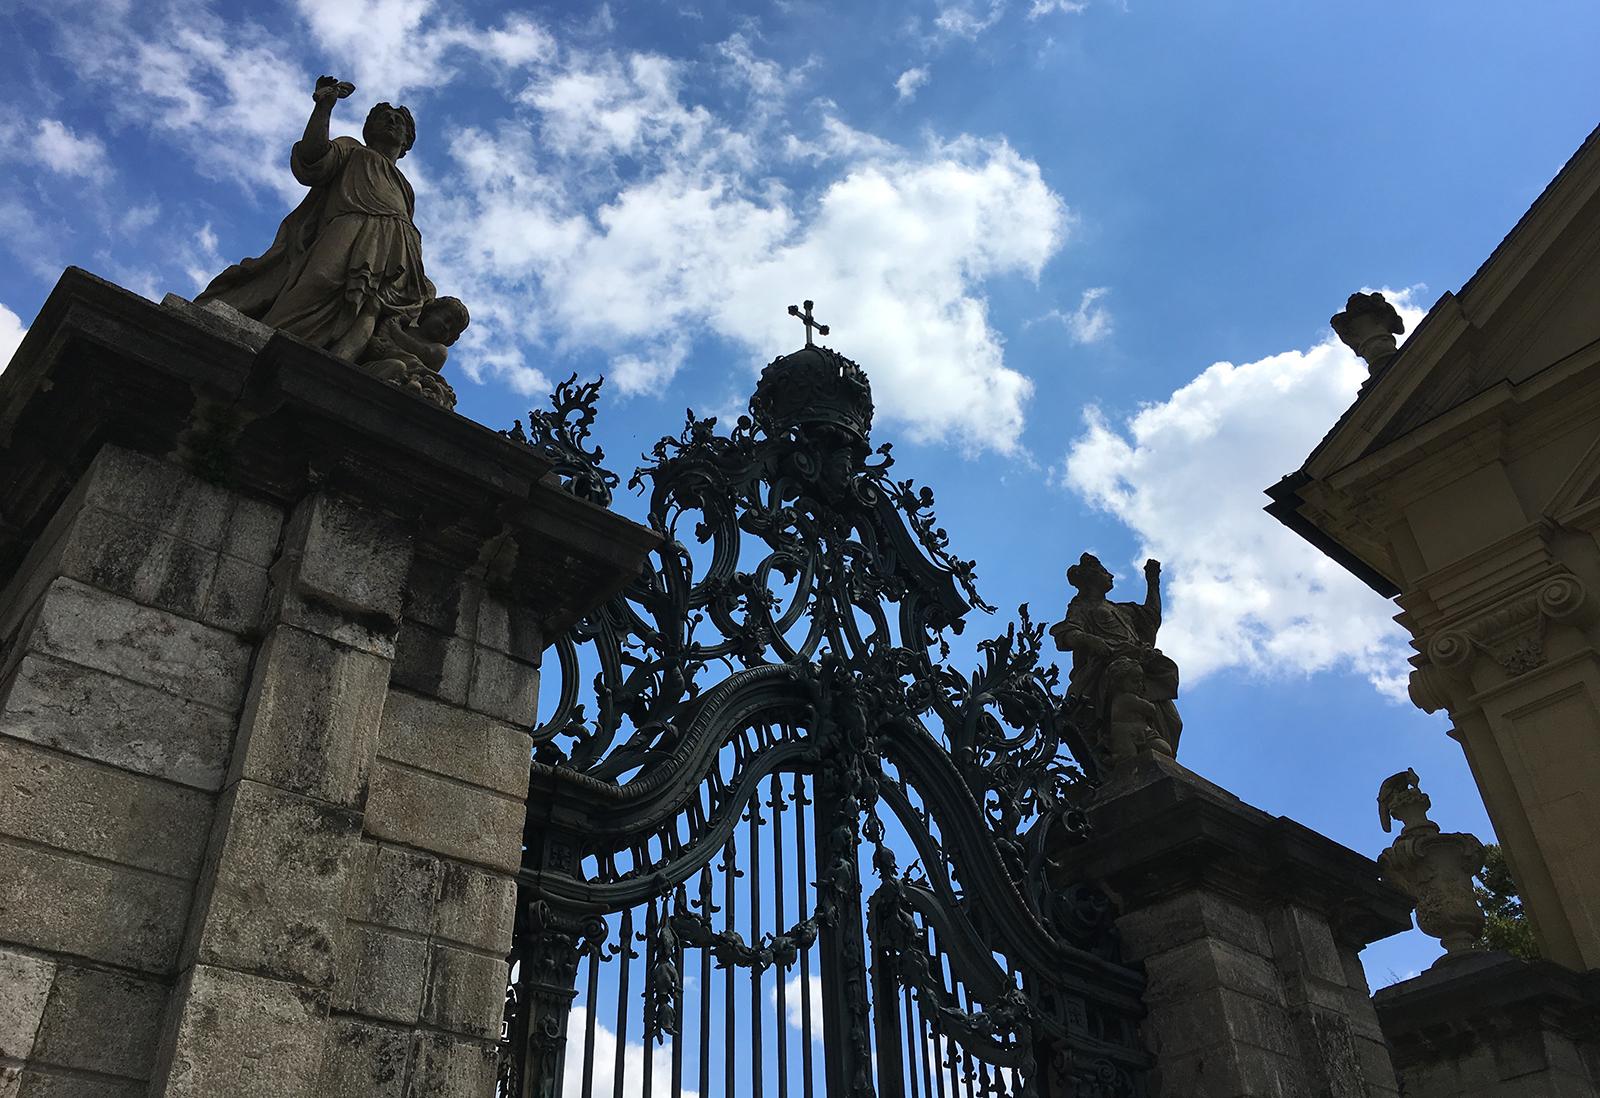 Garden gate - Würzburg Residence